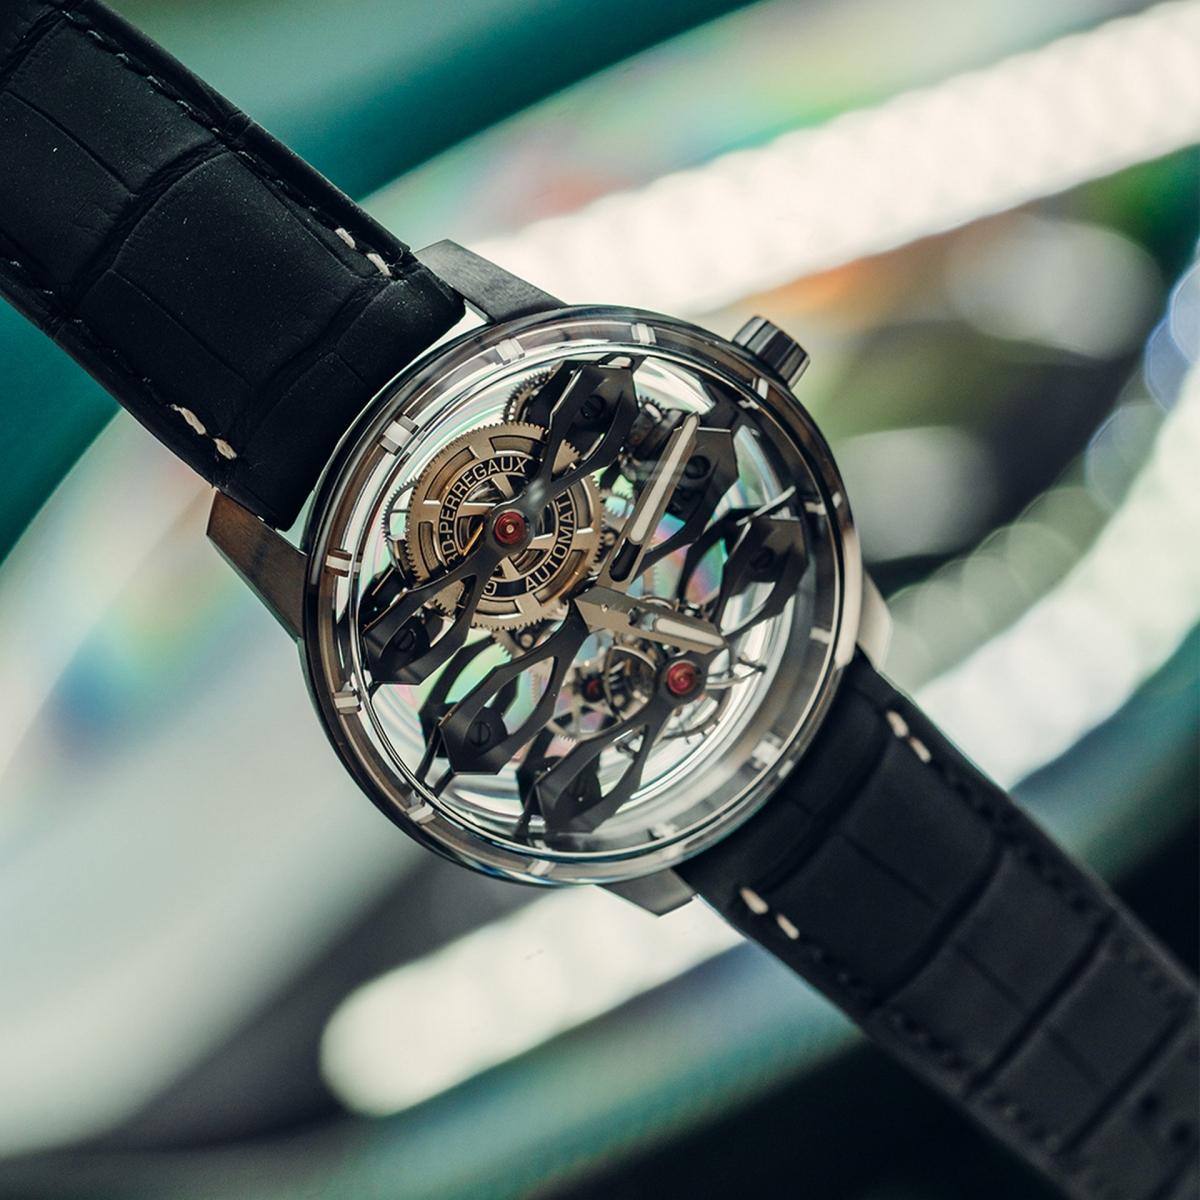 """""""Chúng tôi đã phải xem xét các đường nét và tỷ lệ trên một quy mô nhỏ hơn nhiều so với lĩnh vực thiết kế ô tô. Điều đó cho thấy thiết kế tốt là thiết kế tốt, cho dù đó là đồng hồ hay ô tô, các nguyên tắc vẫn như nhau. Tôi rất vui khi mẫu đồng hồ hoàn thành và chúc mừng tất cả những người đã làm việc trong dự án này, vì sự hợp tác này đã tạo ra một chiếc đồng hồ có vẻ đẹp tuyệt vời"""" -Marek Reichman chia sẻ."""